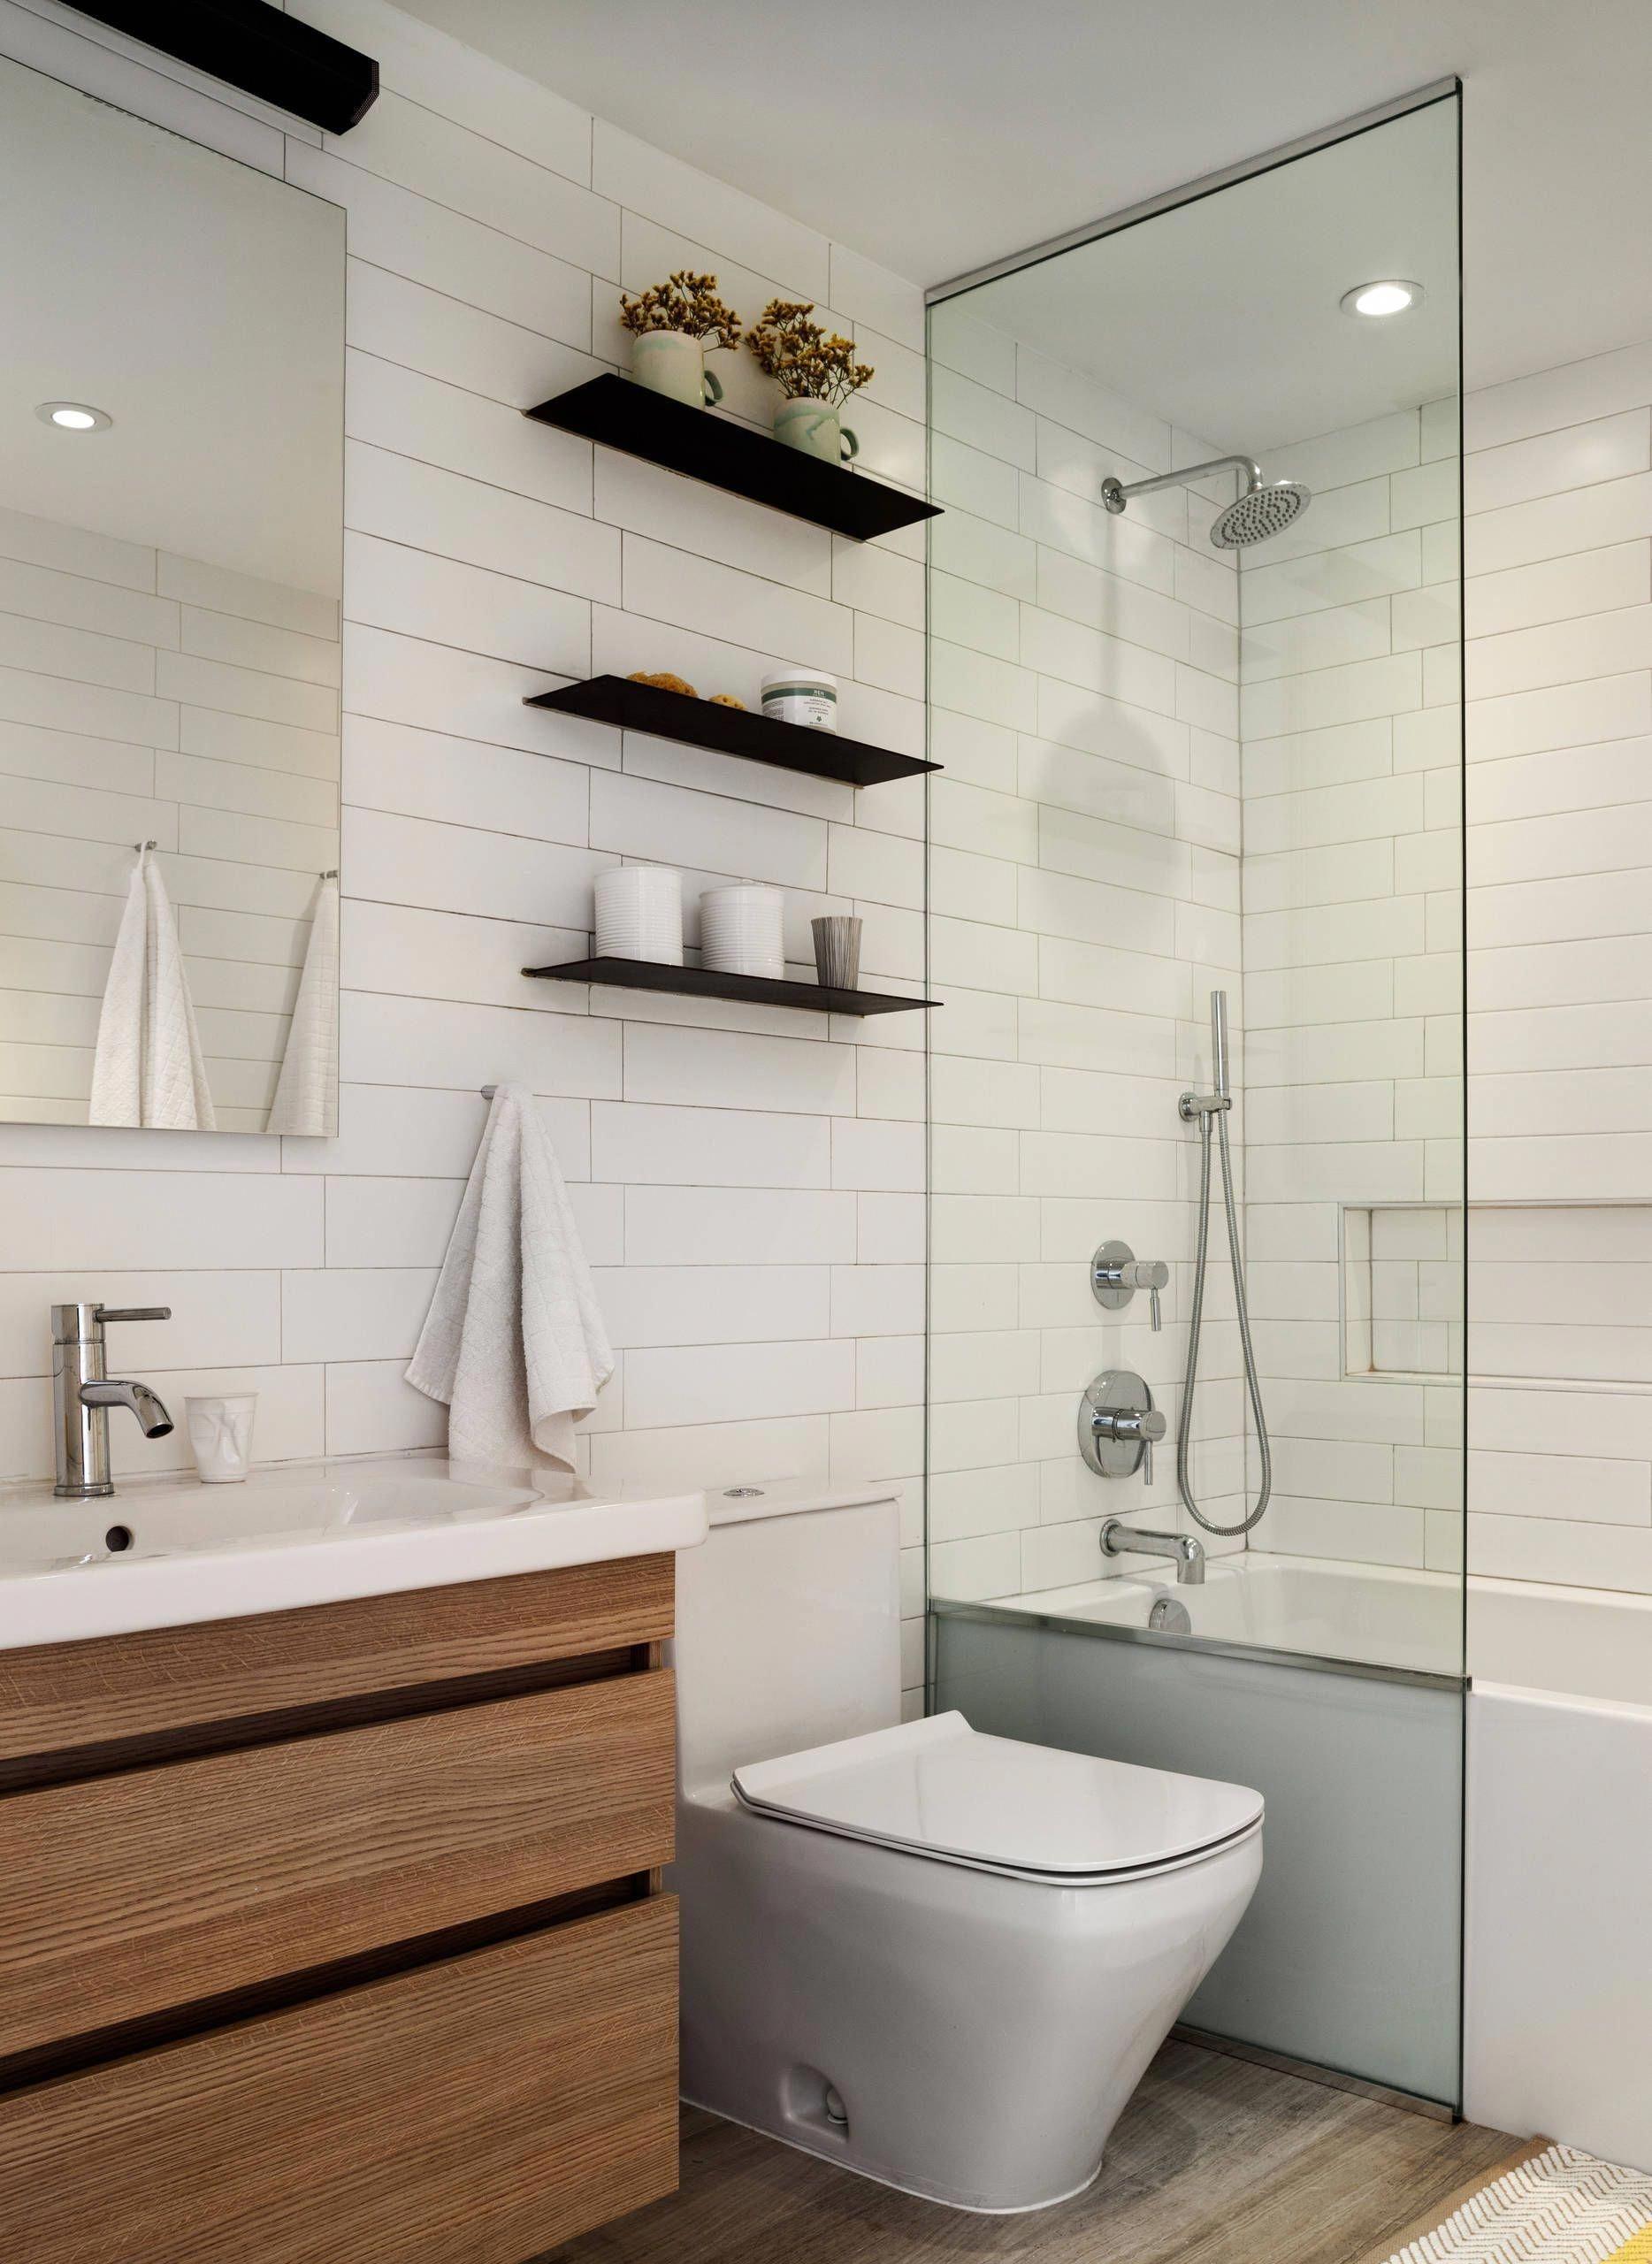 Floating Glass Shelves For Bathroom   Ideas On Foter